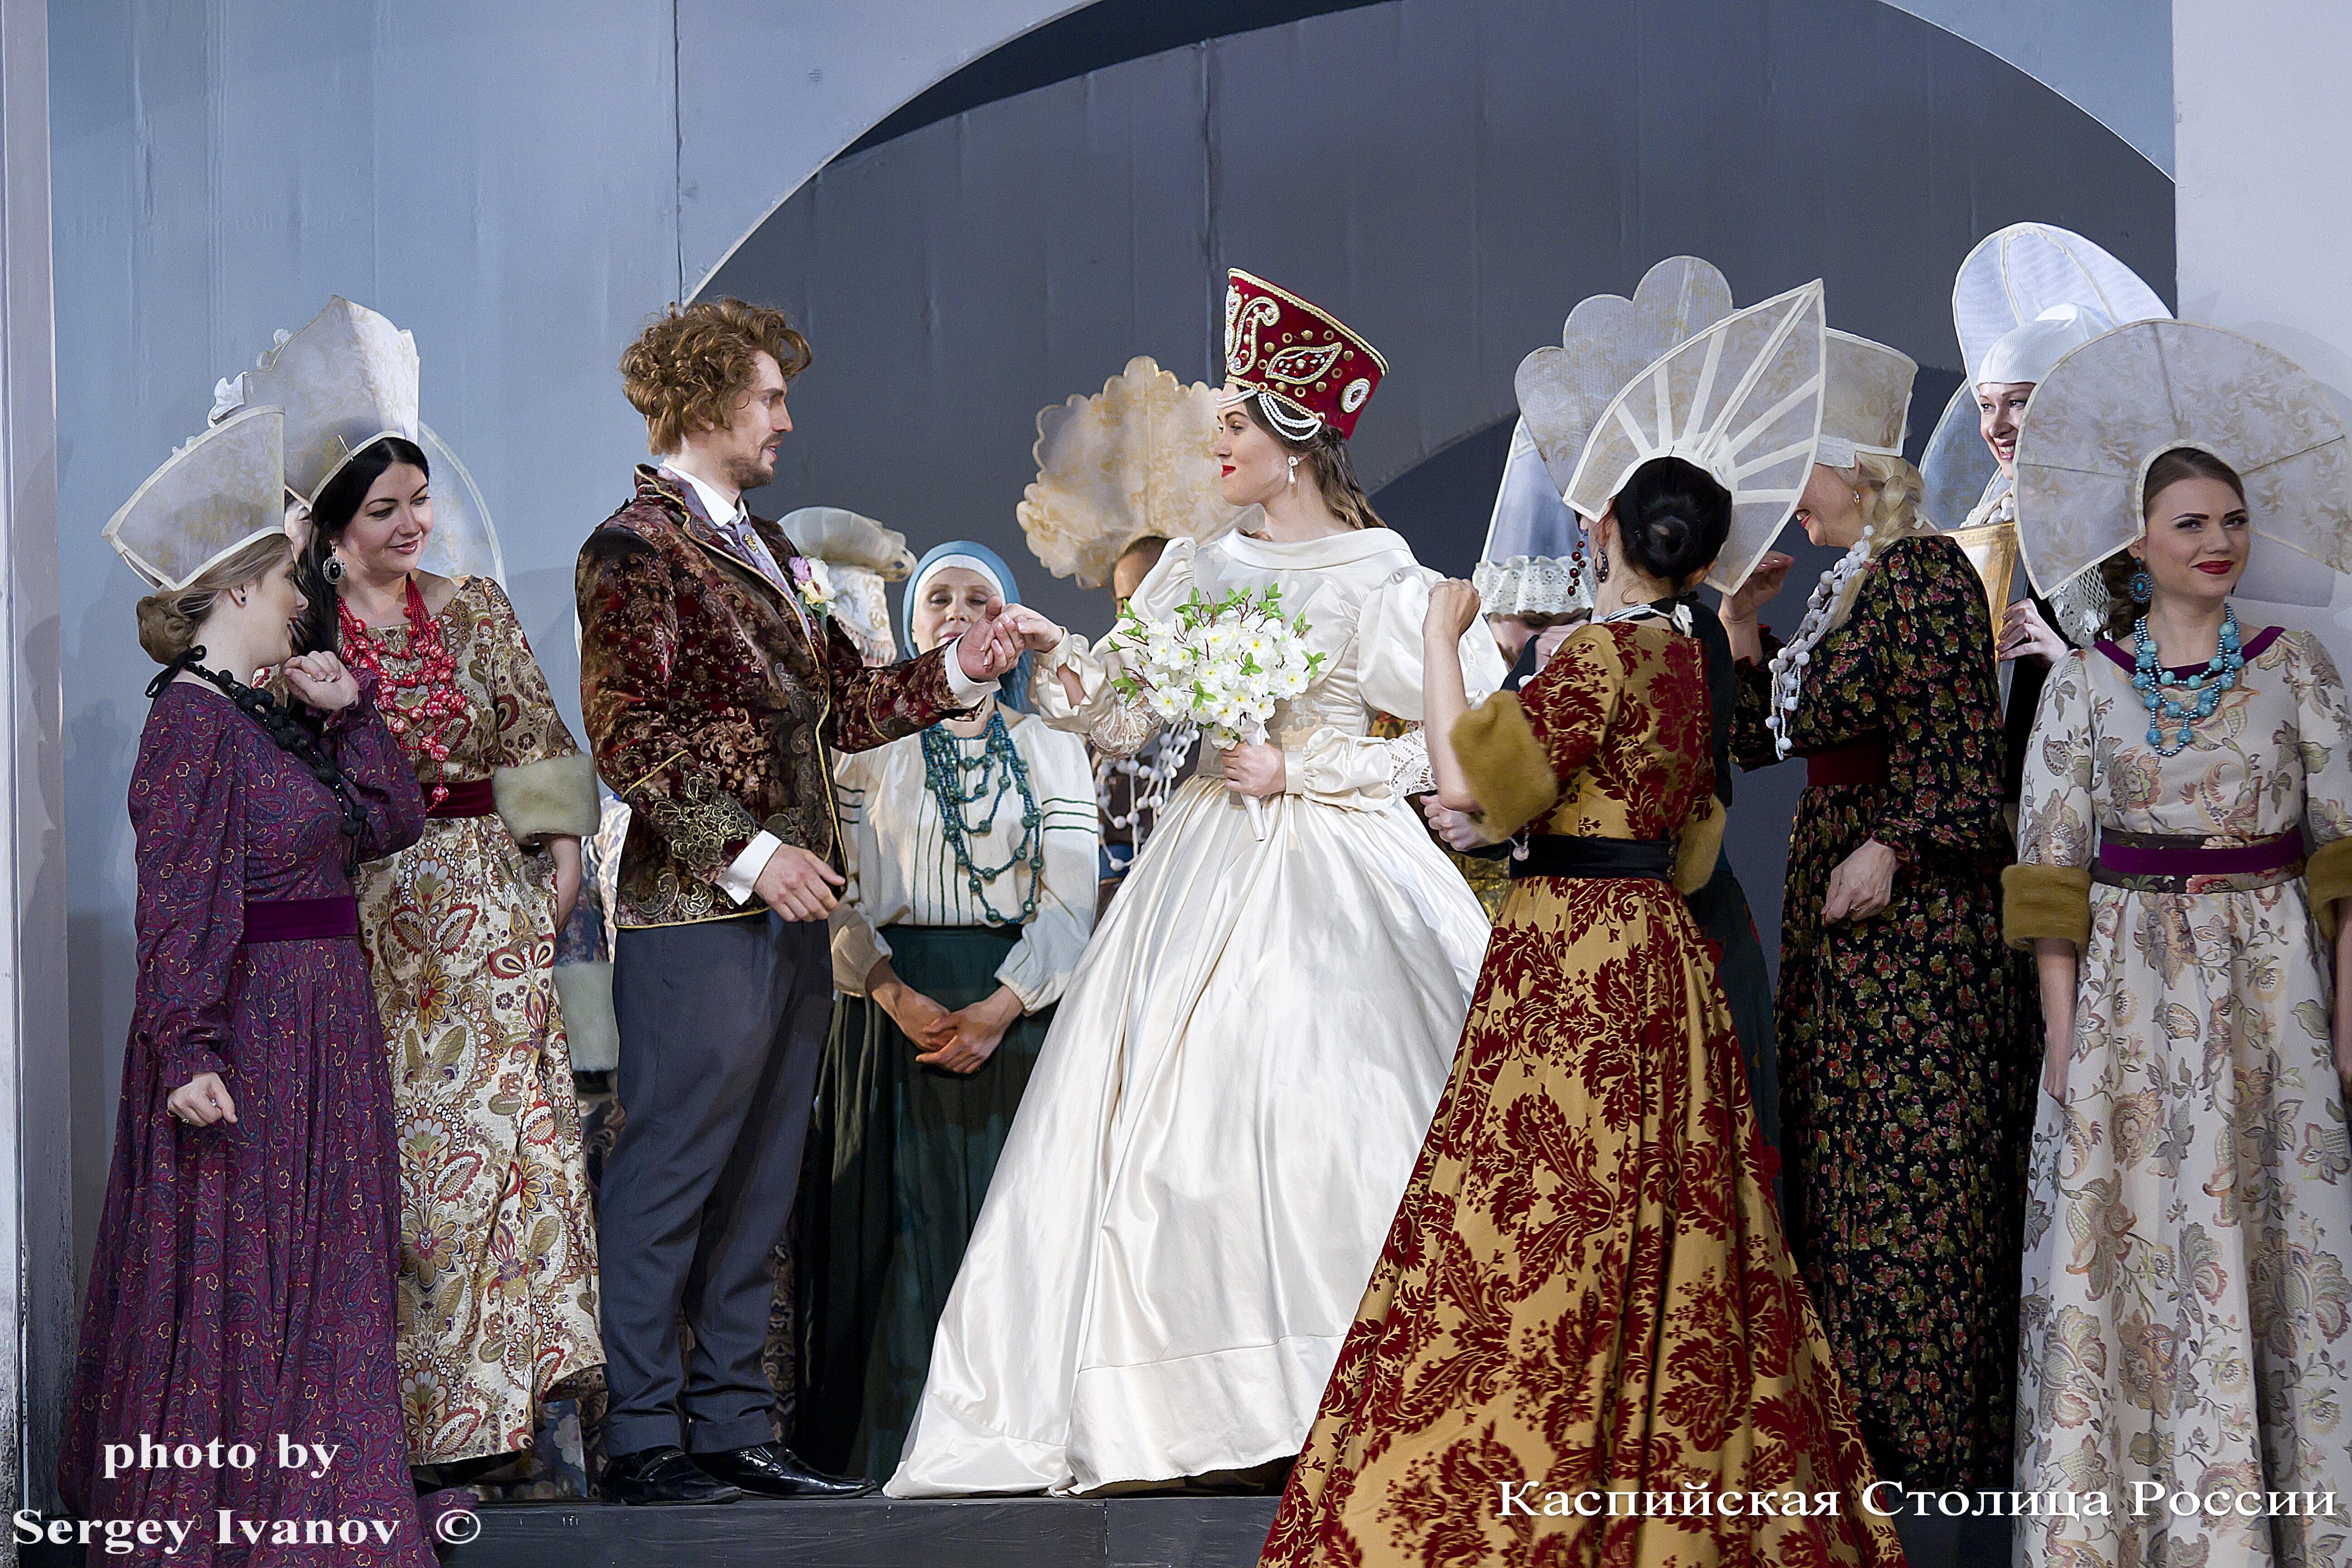 Самая русская опера в уходящем театральном сезоне